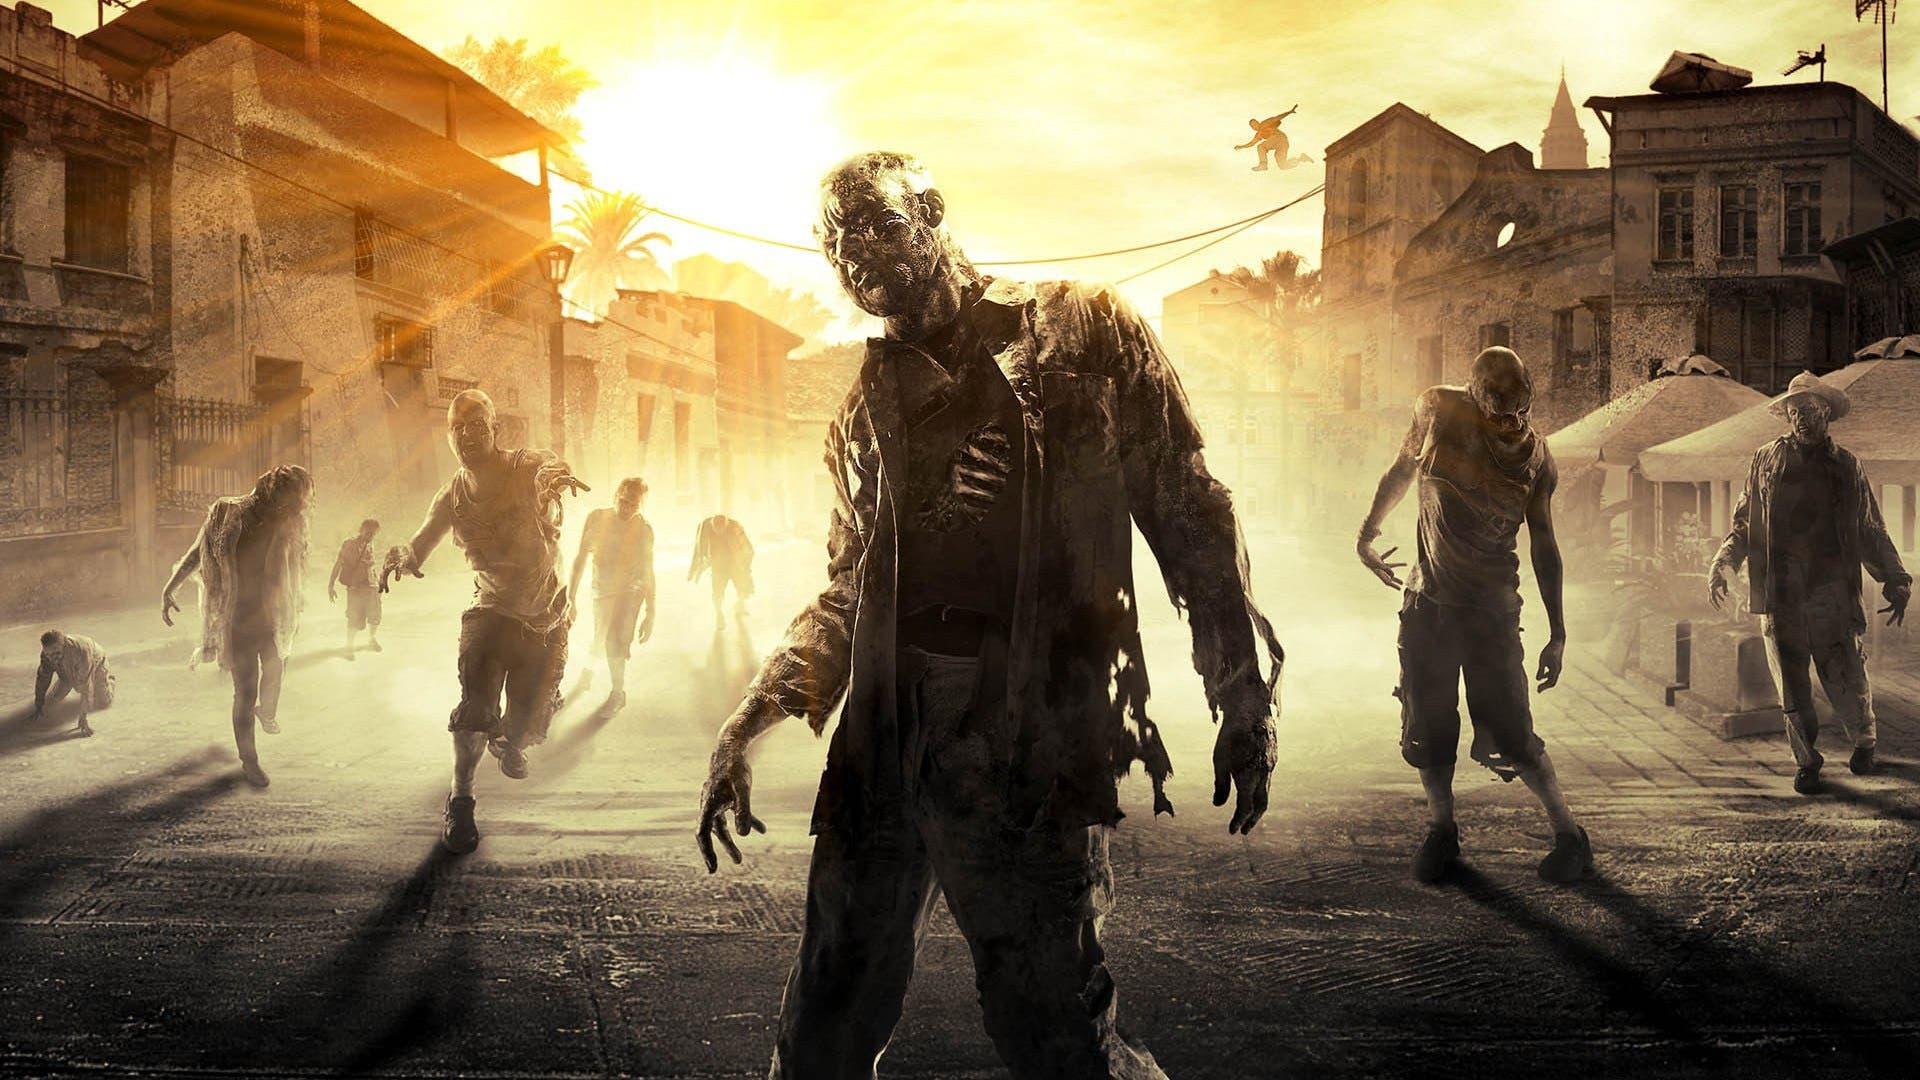 ¿Cuáles serán los nuevos juegos de Xbox Game Pass de febrero? Los fans opinan 5